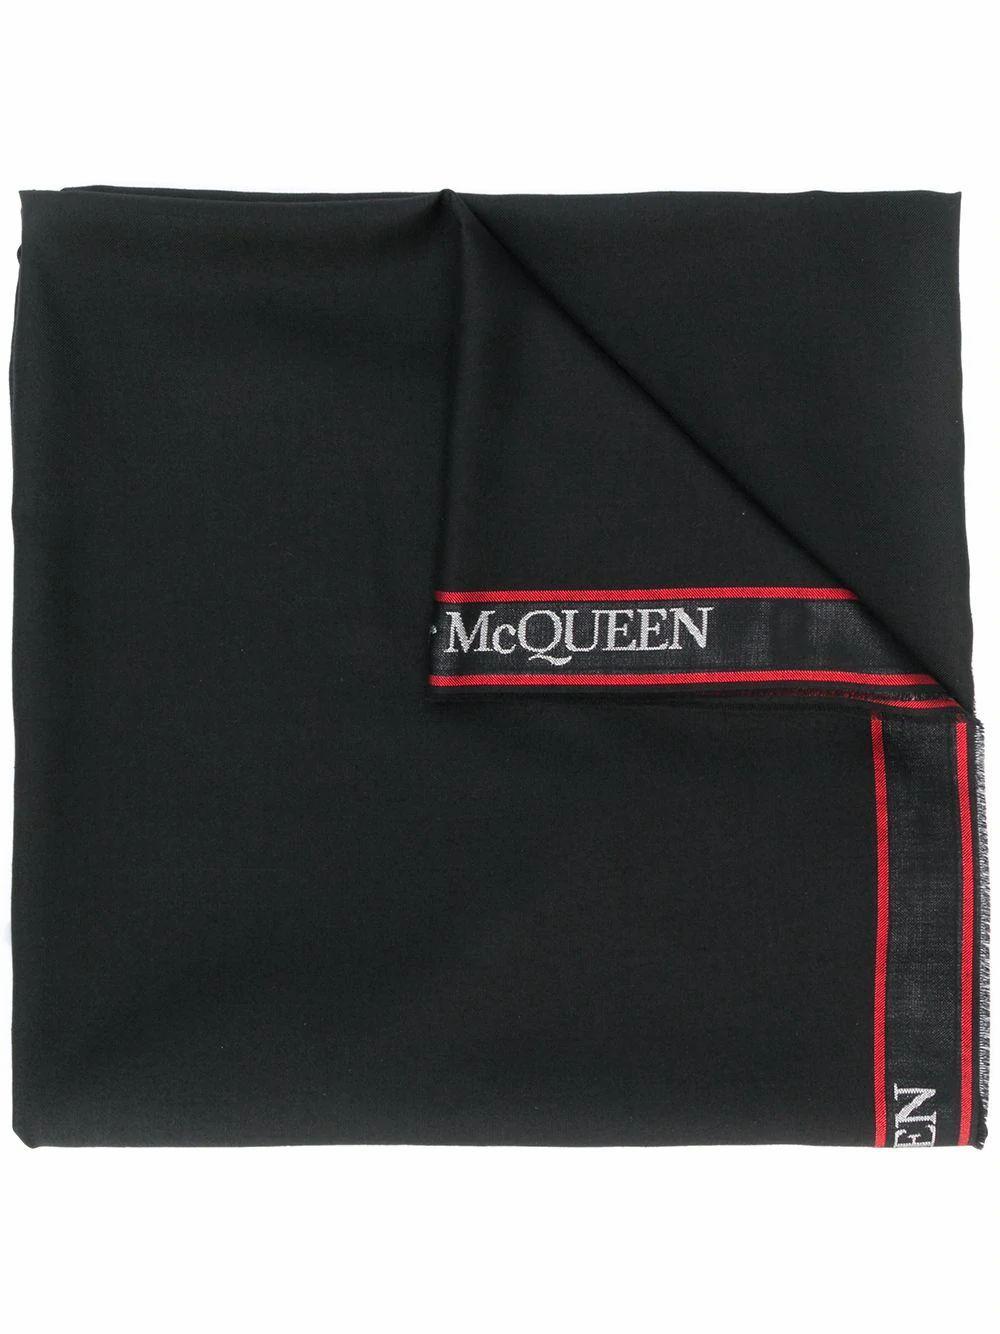 ALEXANDER MCQUEEN MEN'S 5959504807Q1074 BLACK WOOL SCARF